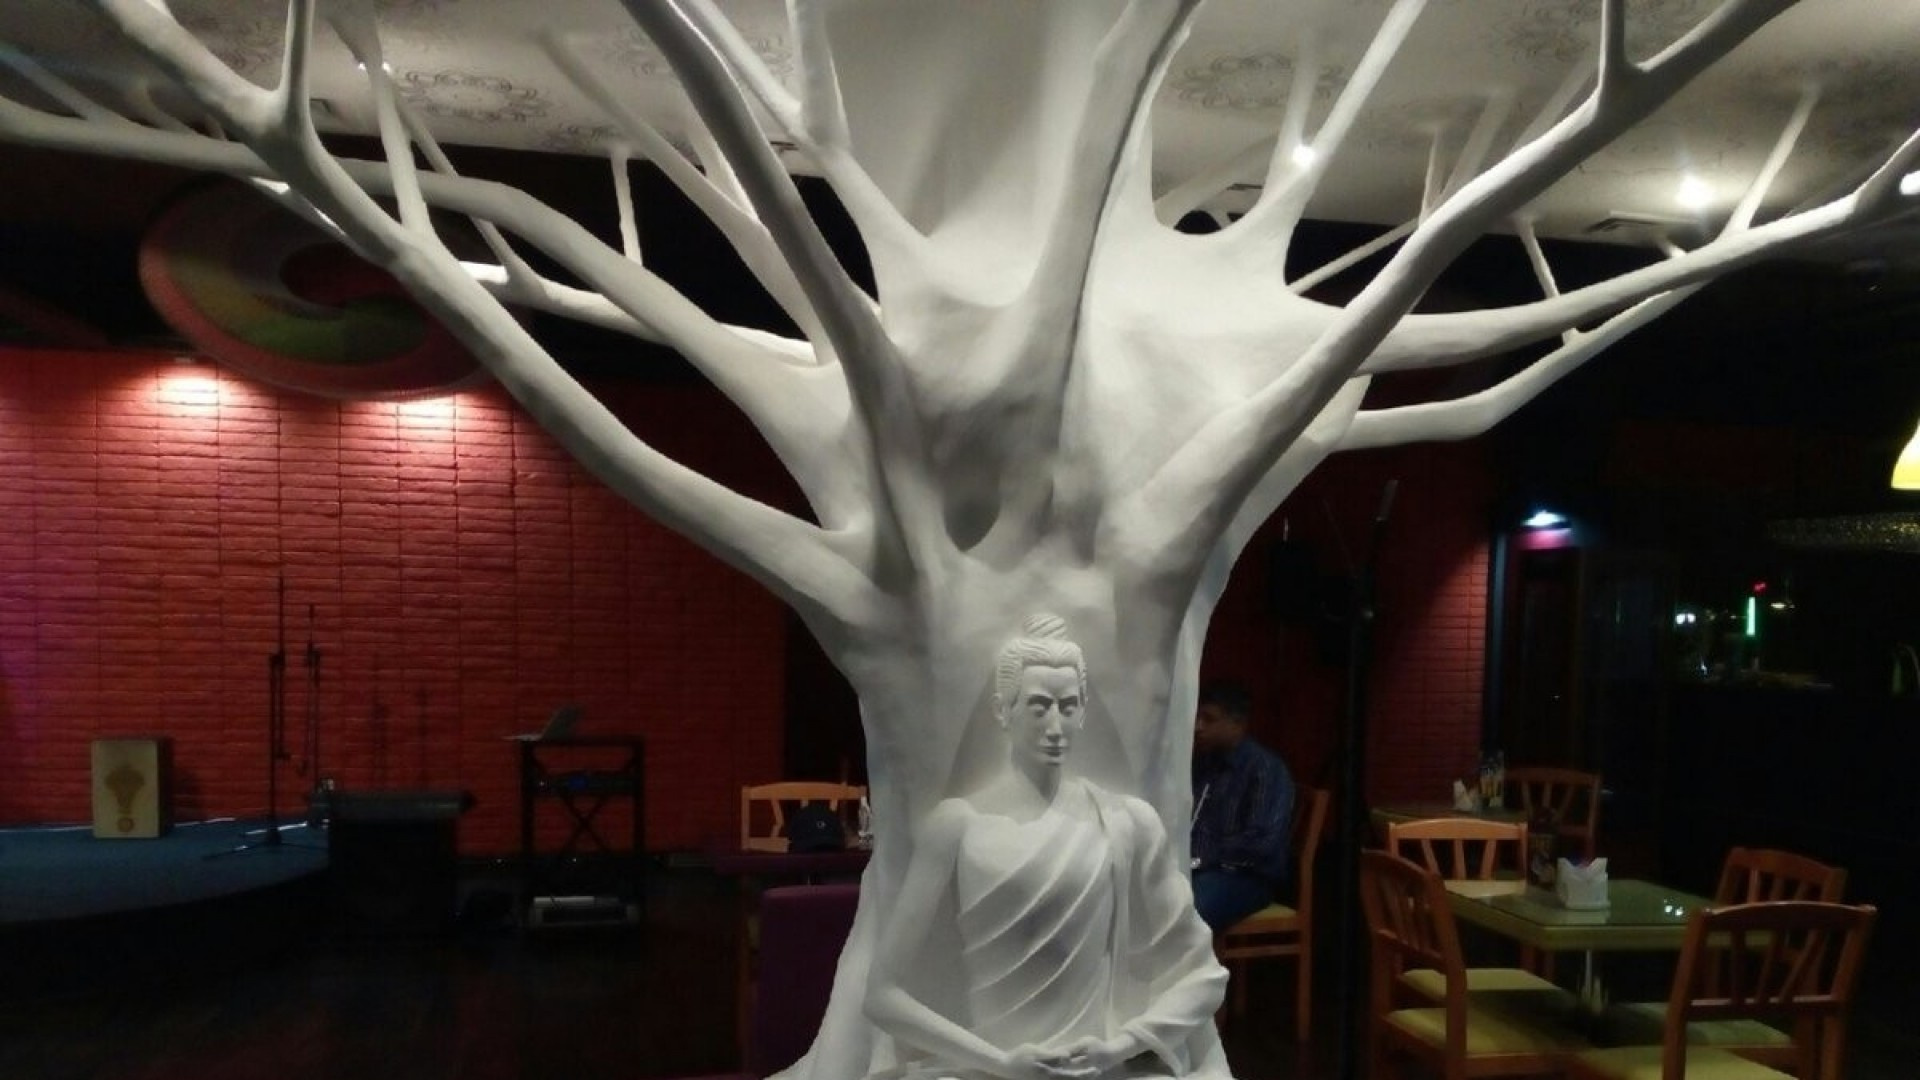 Ресторатор Гаурав Мехра: «Открывай свои возможности и делай, а не жалуйся»